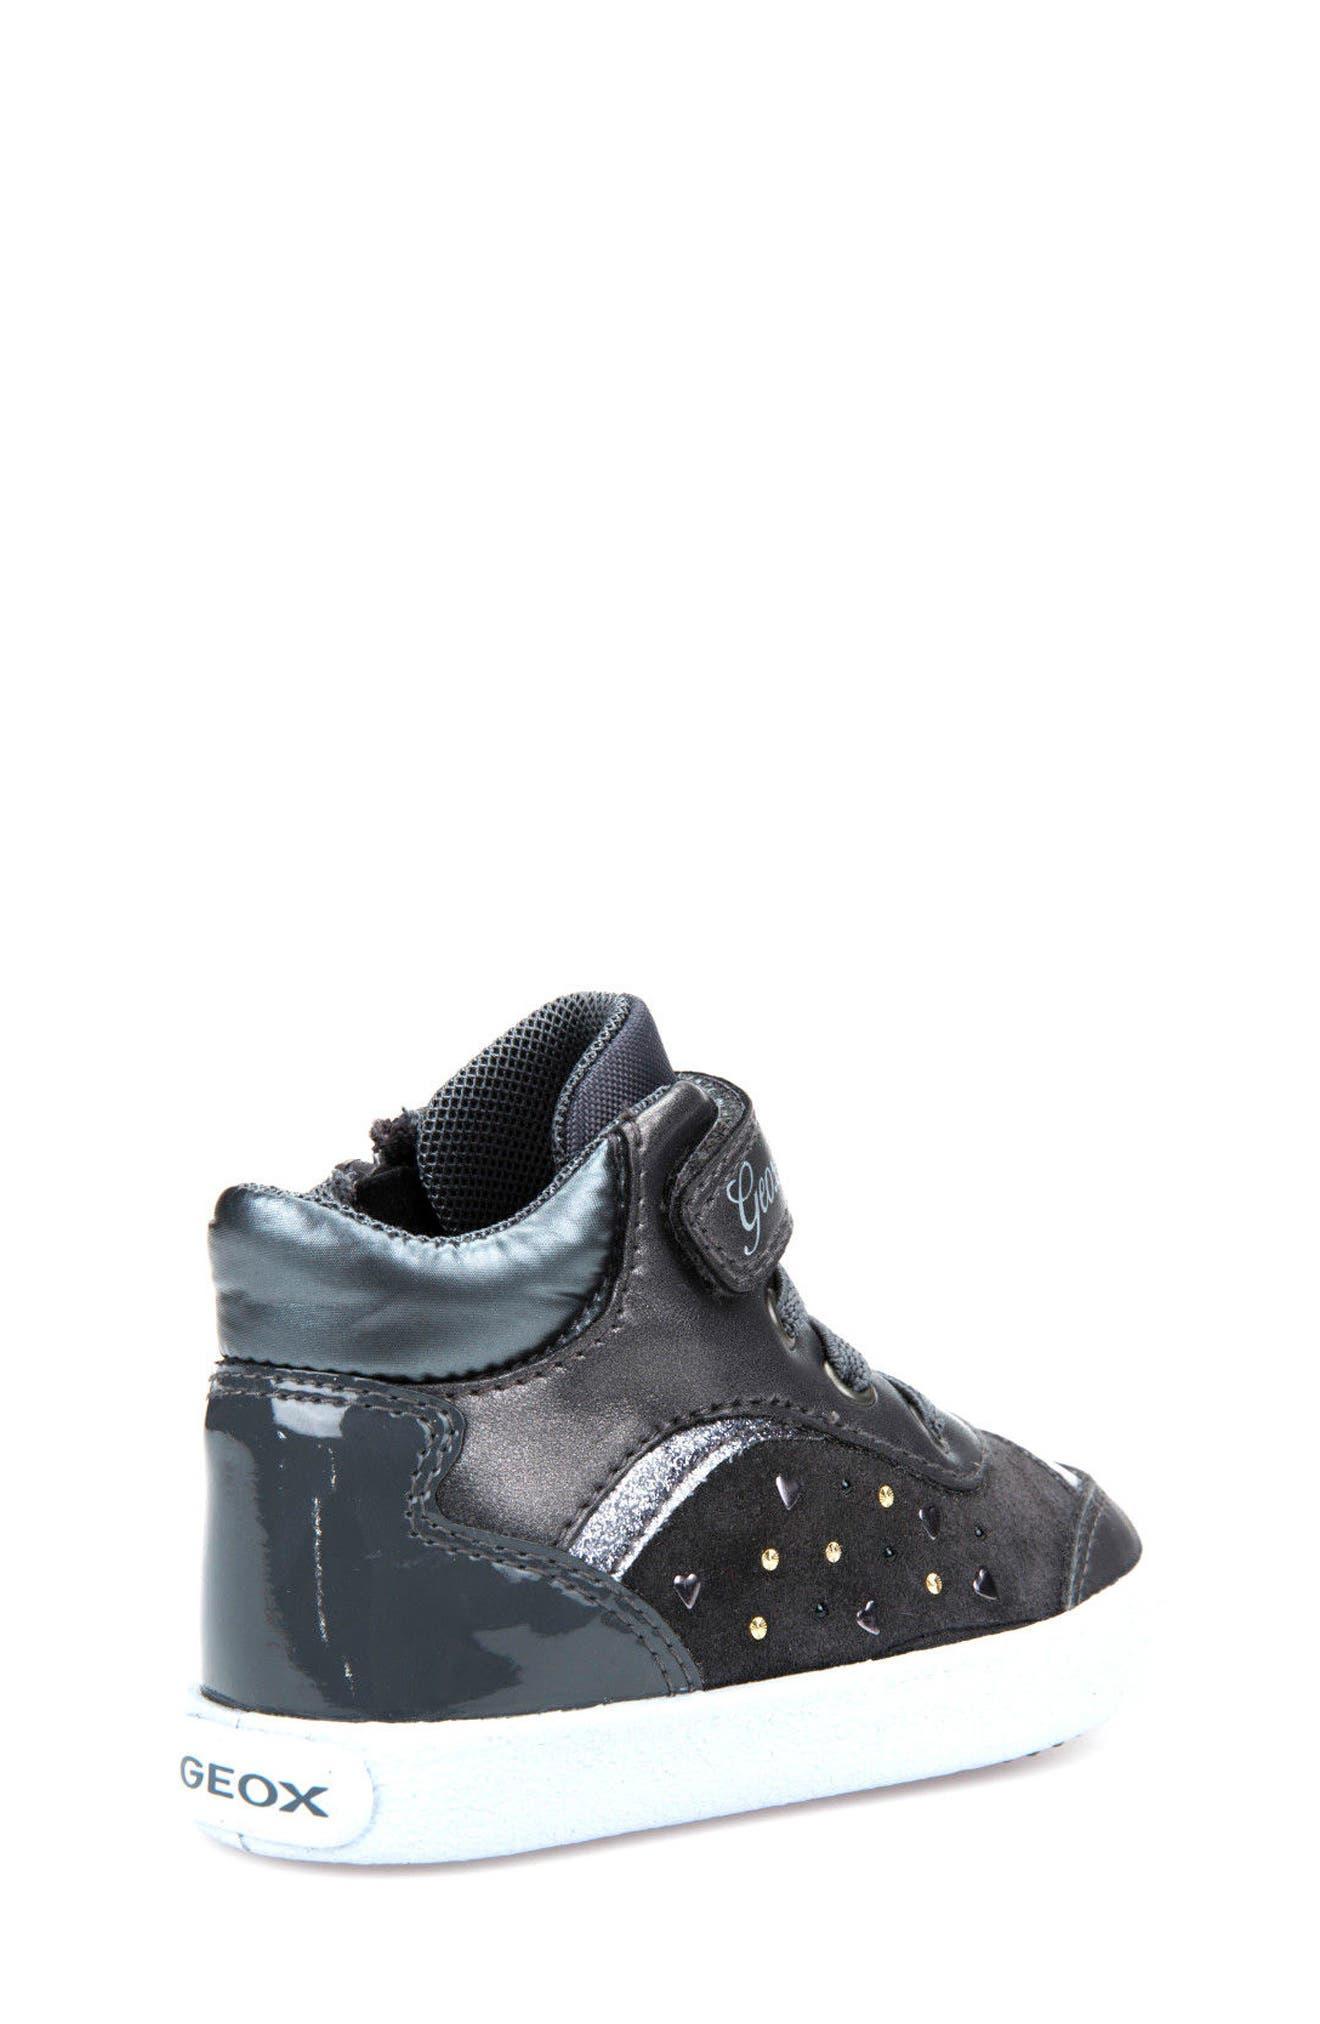 Kiwi Girl Studded High Top Sneaker,                             Alternate thumbnail 8, color,